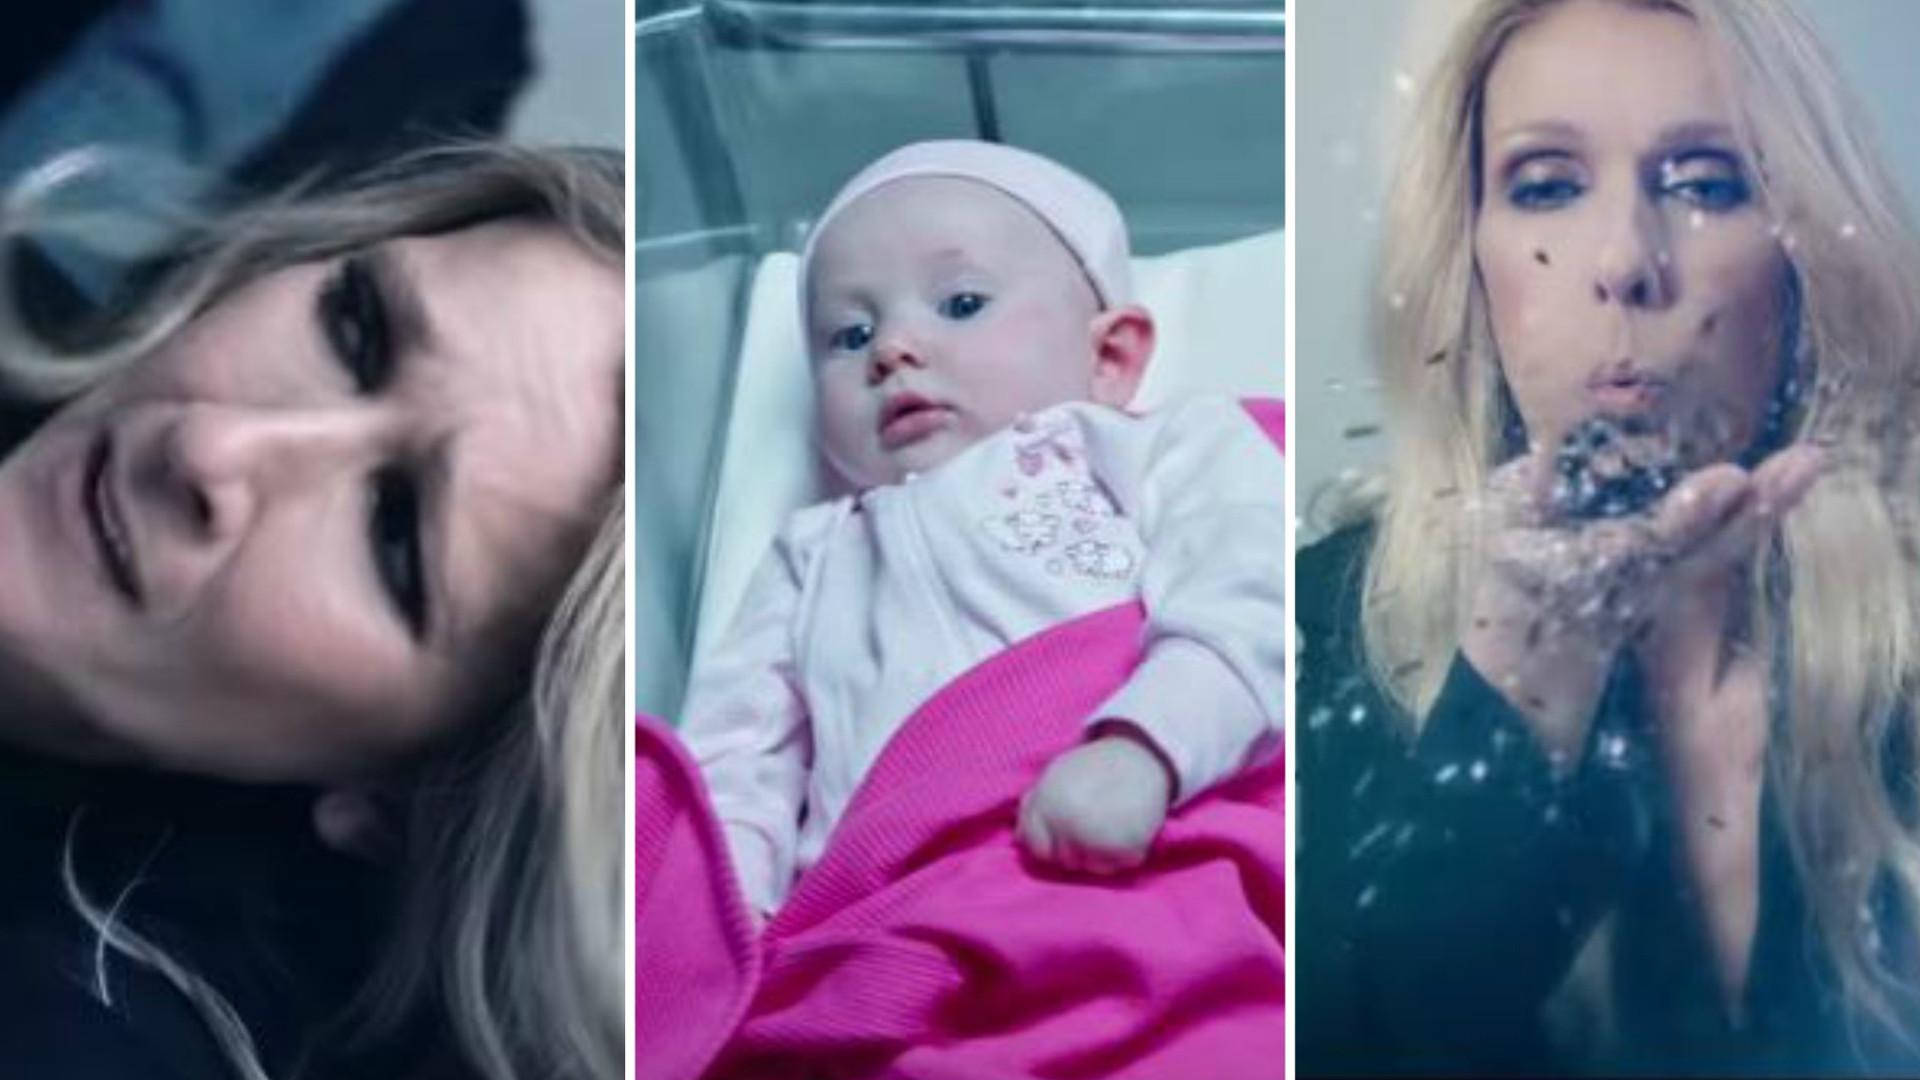 KONTROWERSYJNA reklama z Celine Dion – promuje ubranka neutralne płciowo